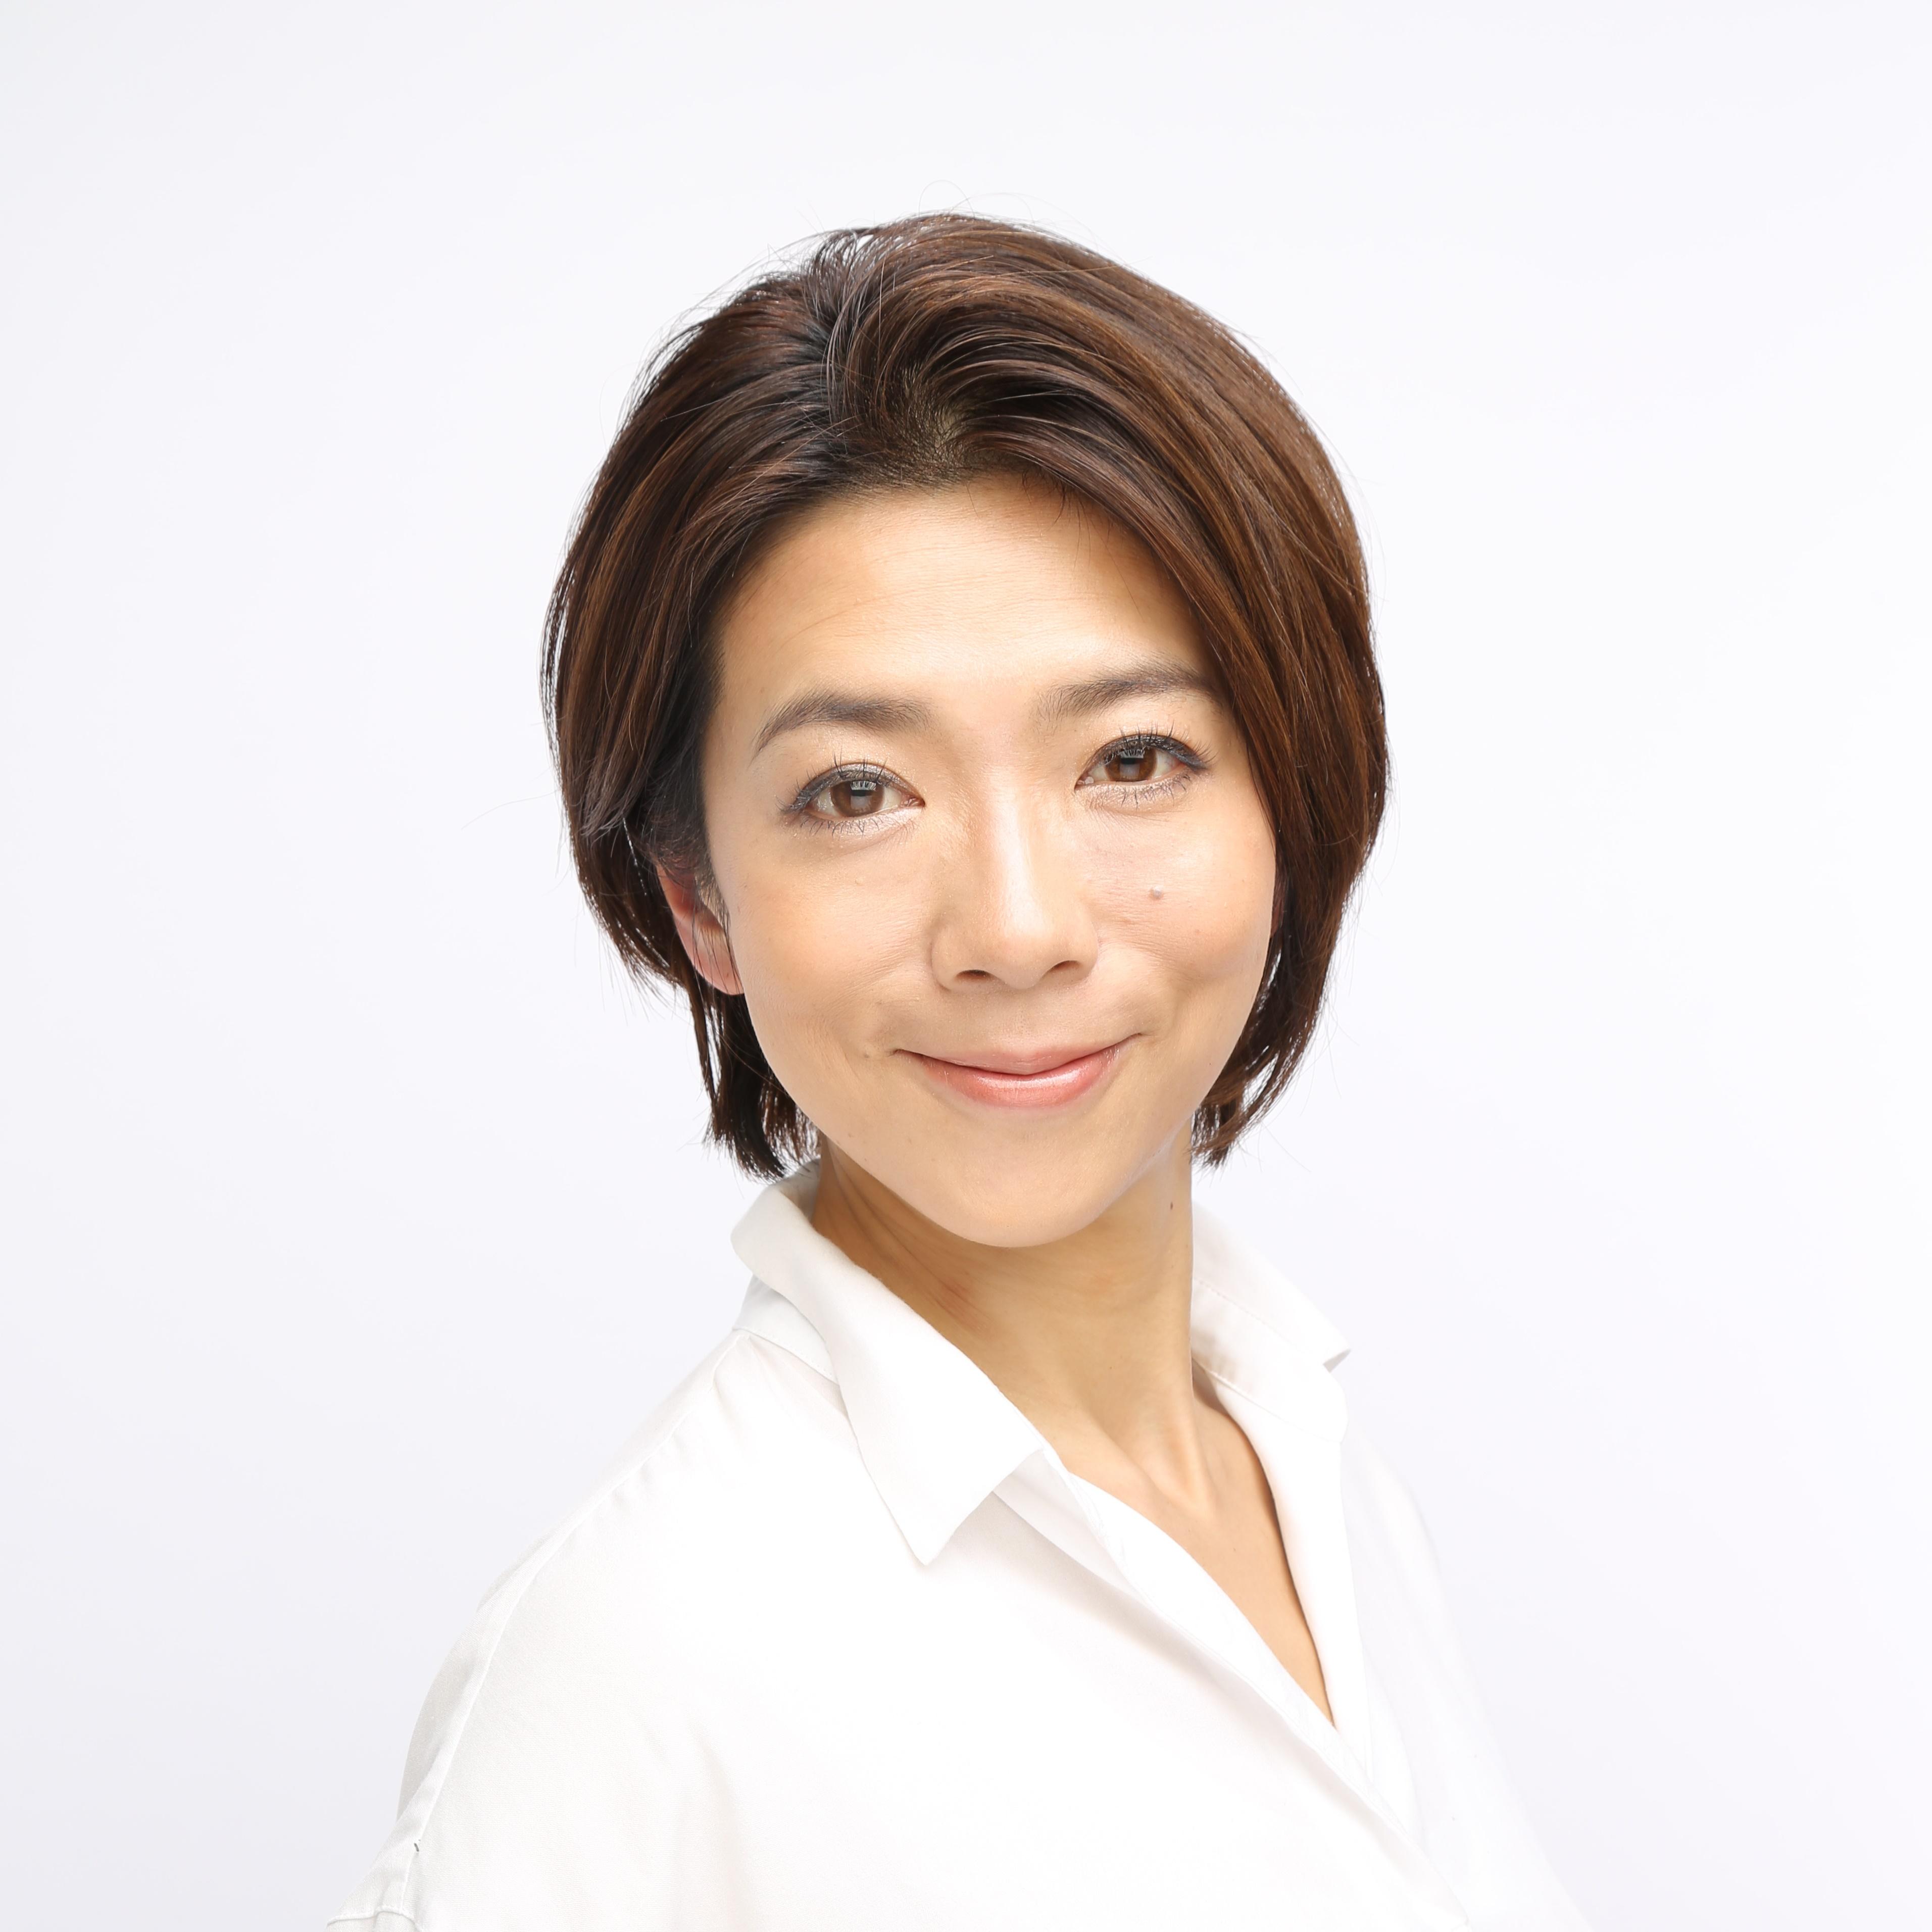 宮地祥子 の画像